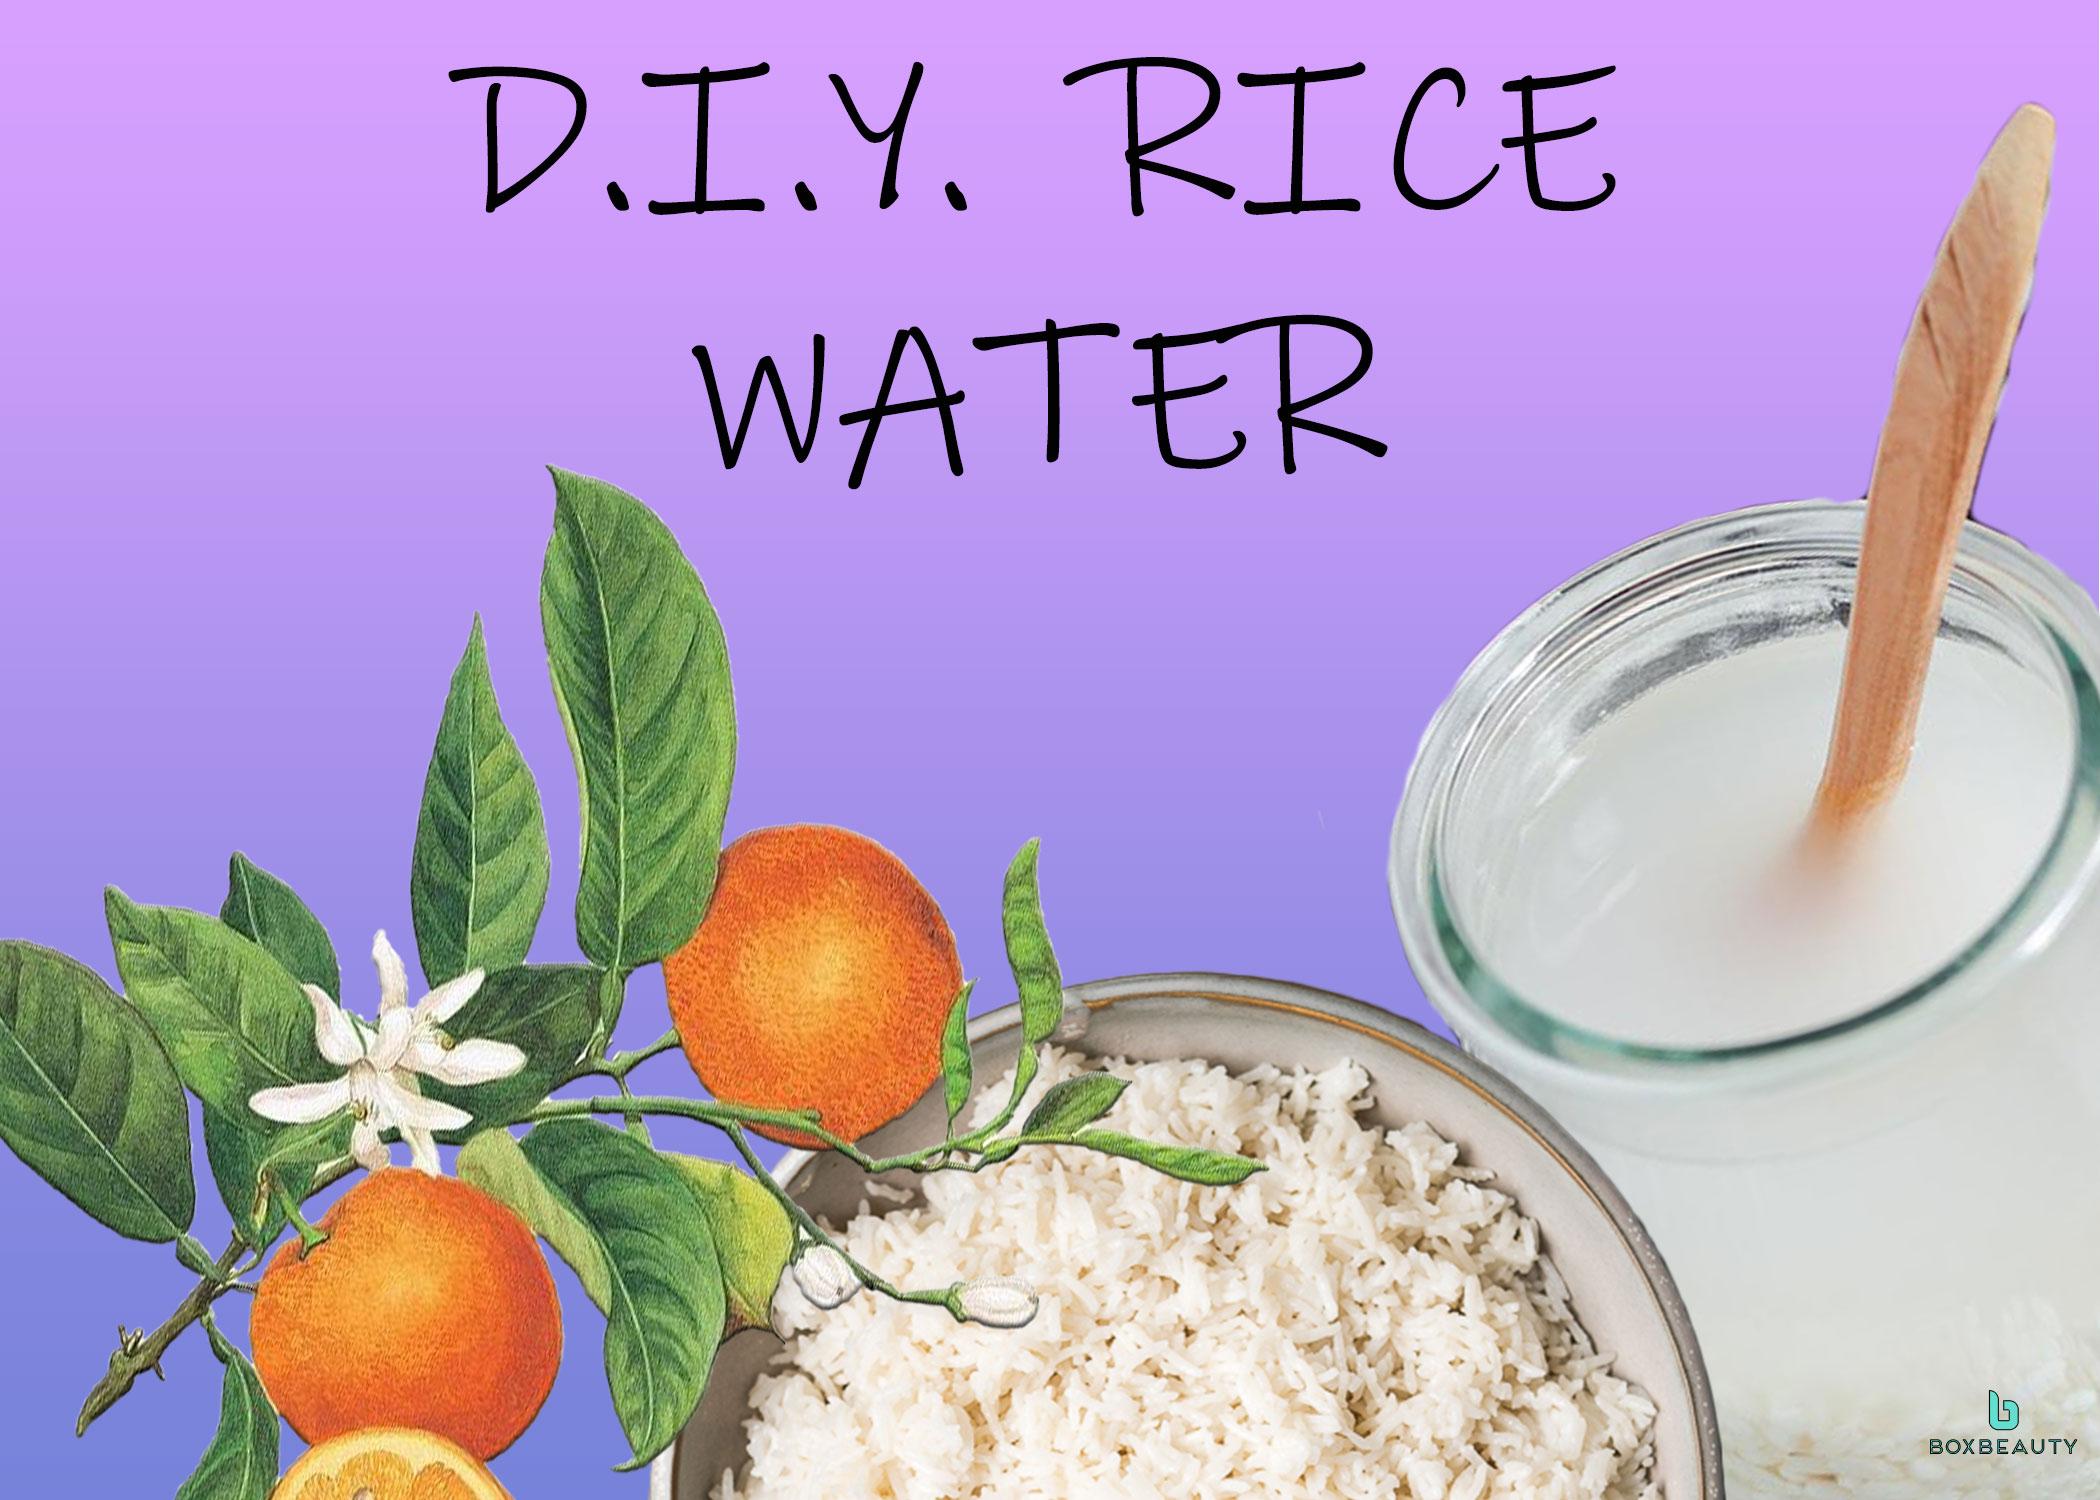 DIY Rice Water